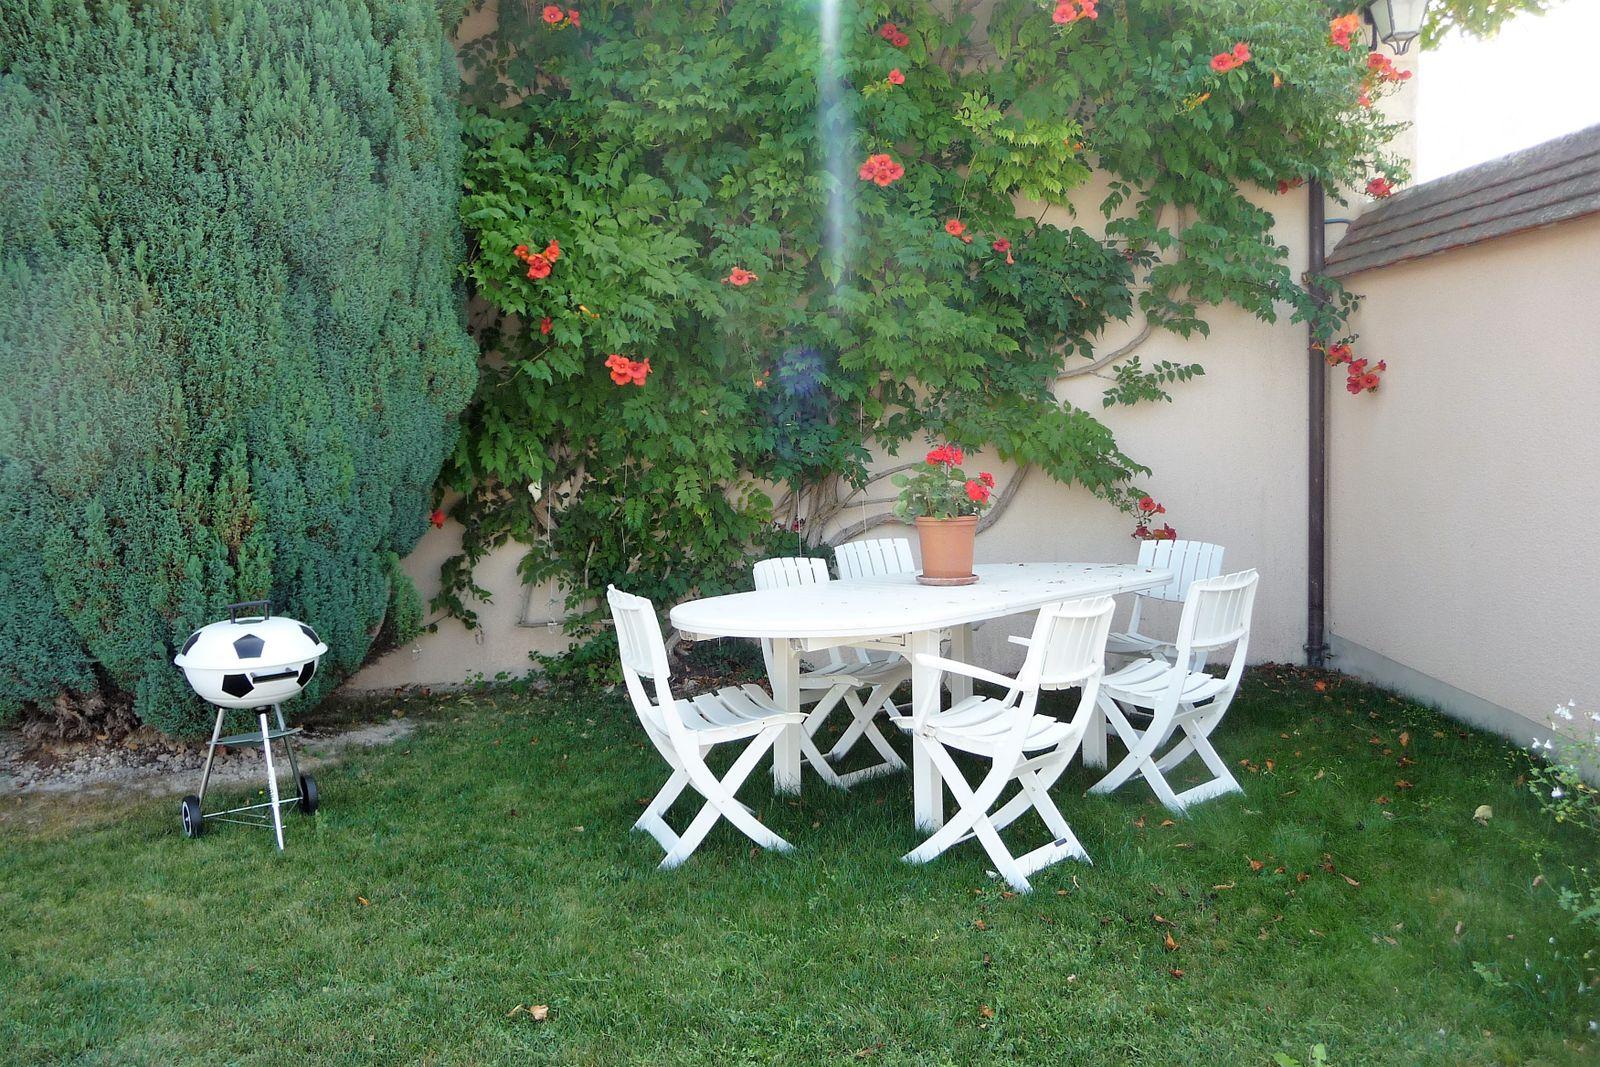 Jardin avec table et barbecue extérieur réservés à votre usage. Ensoleillement maximum en fin de journée. 51G465 - Le Cabanon Champenois - Ambonnay - Gîtes de France Marne